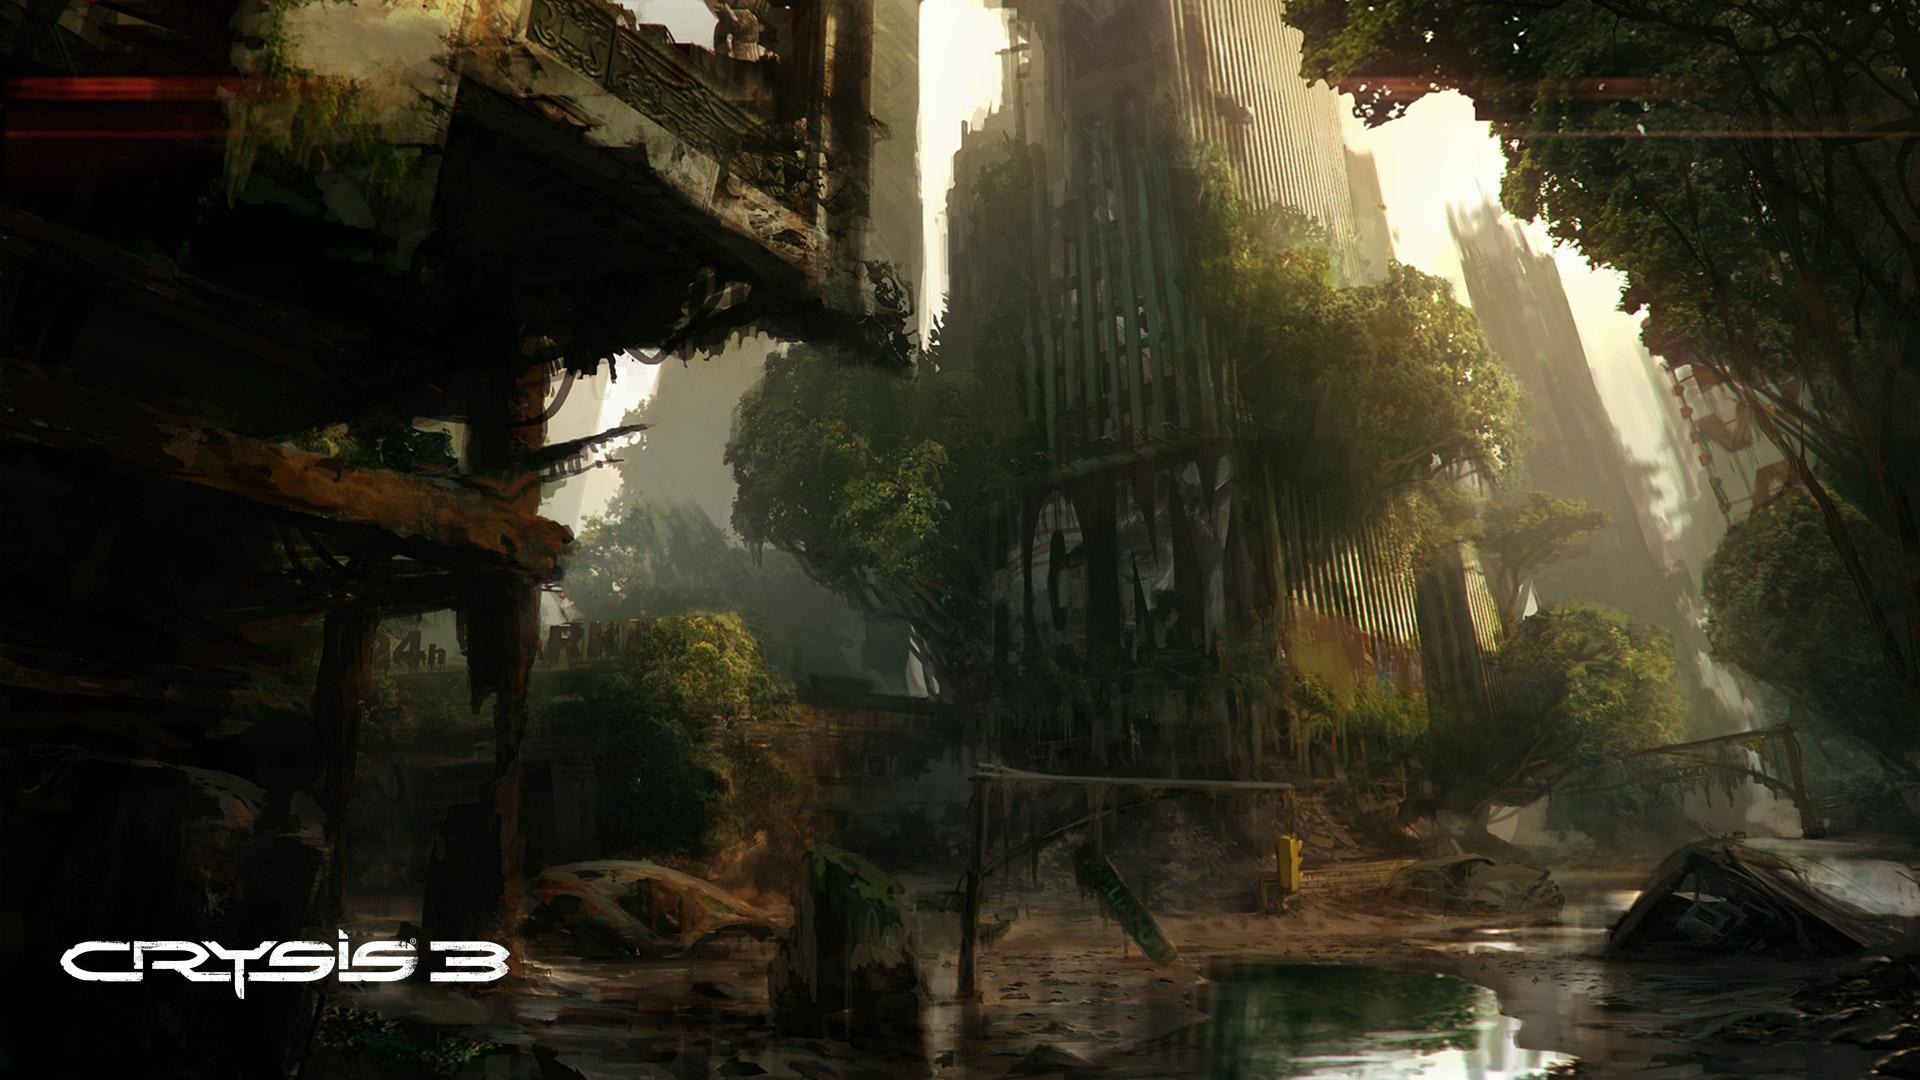 Crysis 3 wallpaper 18